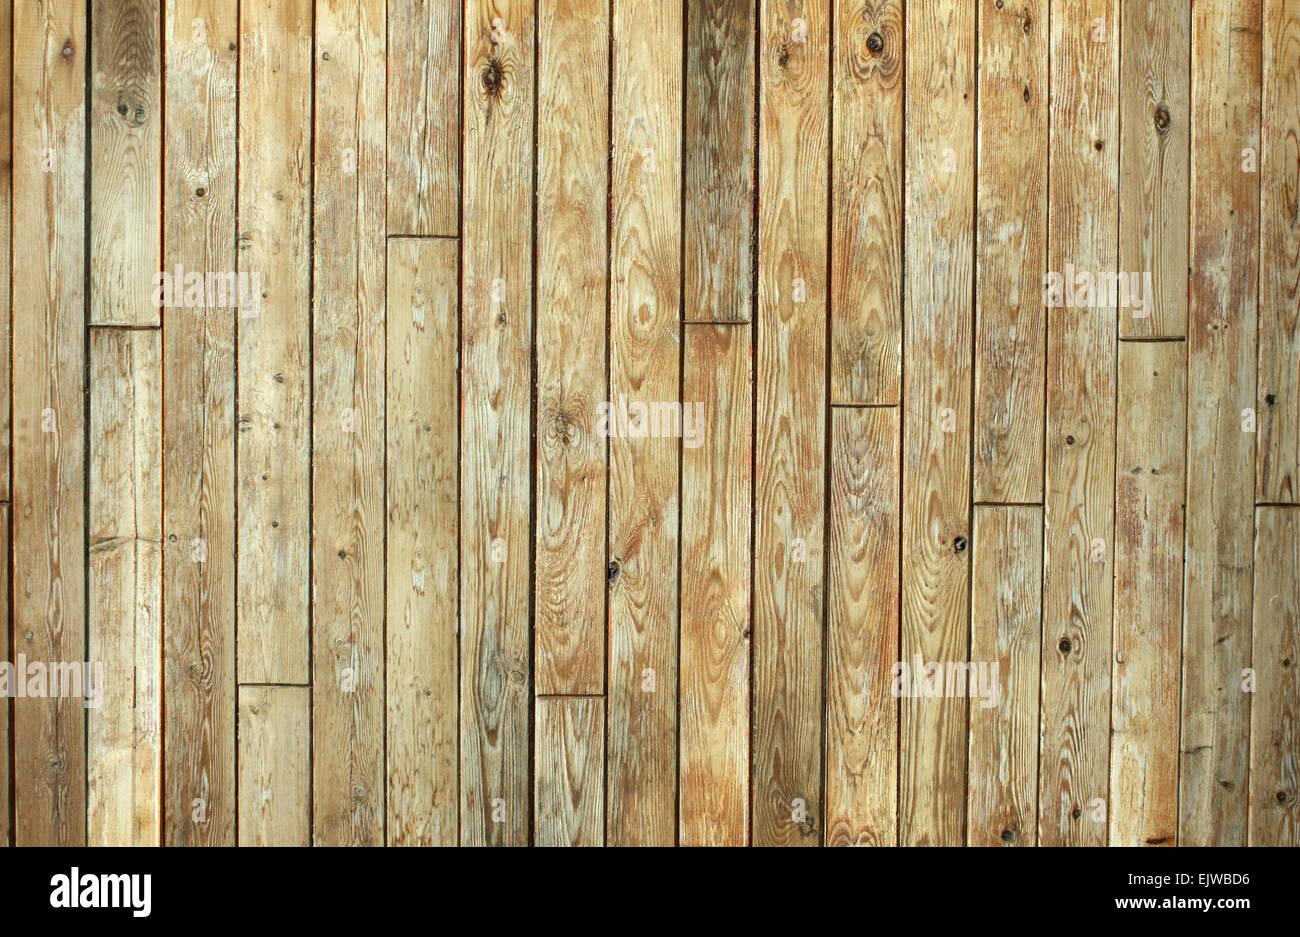 Viejas y sucias tablones de madera con nudos. Excelente para la textura de fondo y diseño con madera. Imagen De Stock